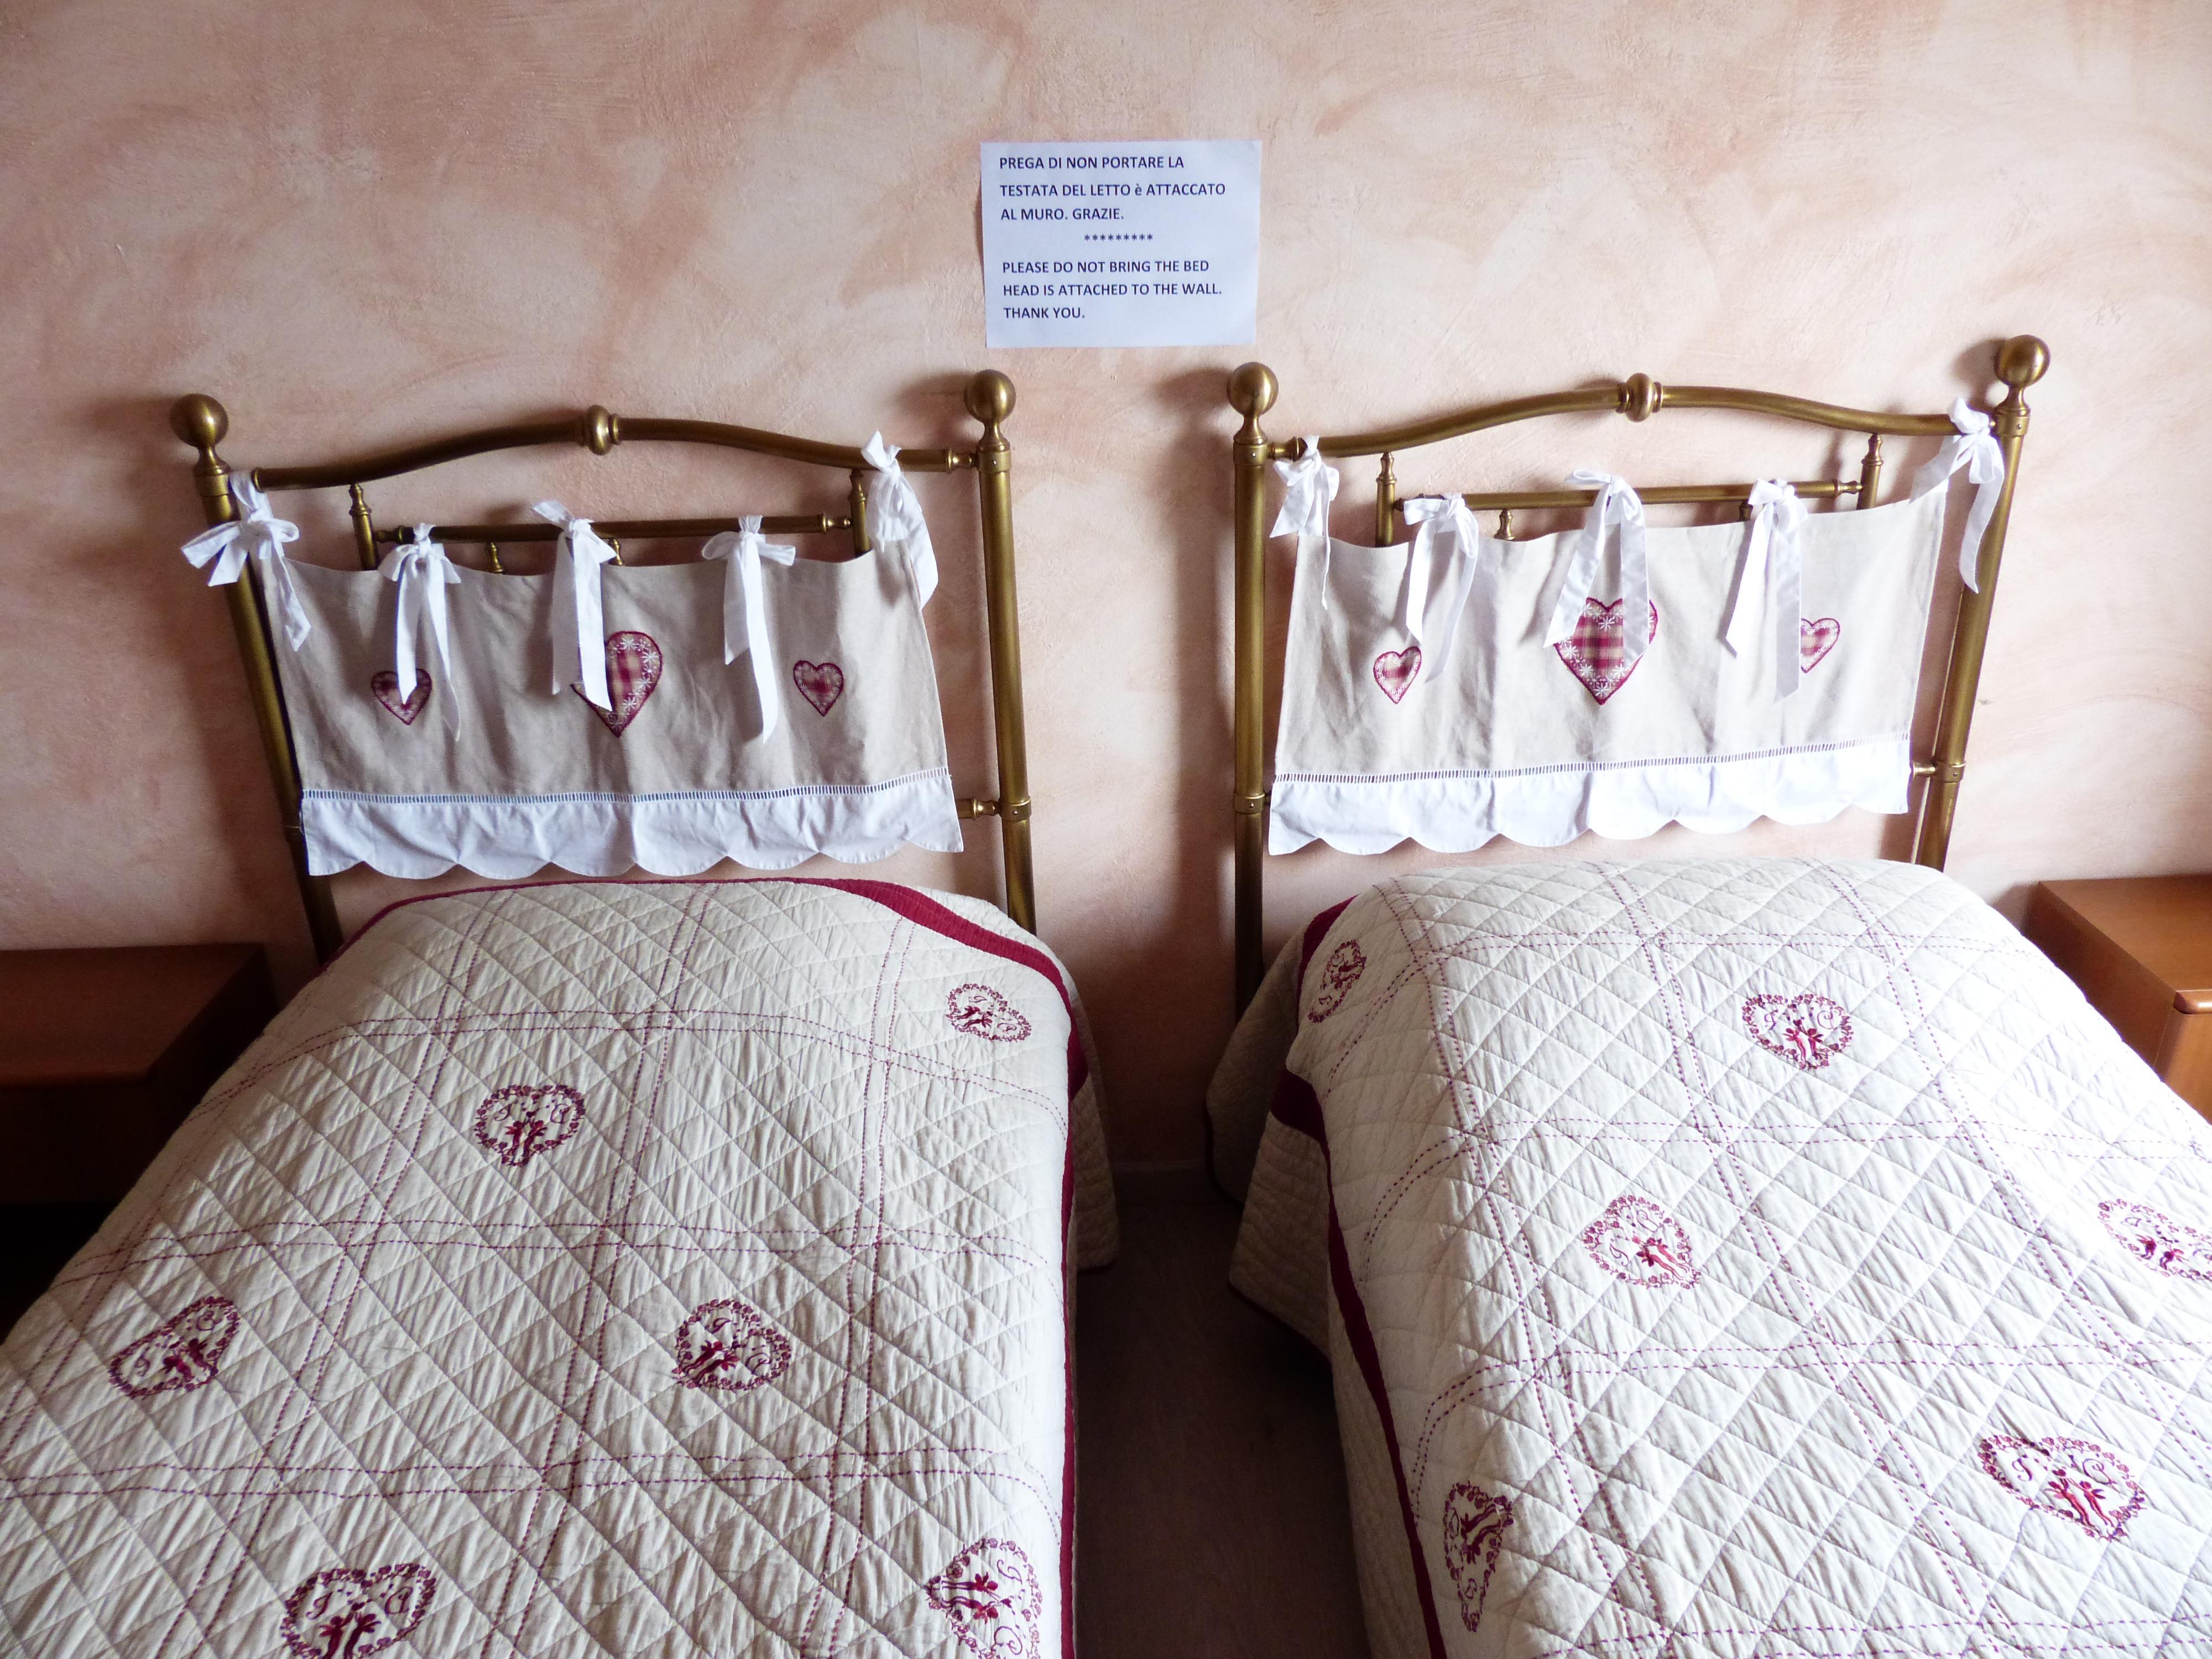 Fotos gratis : limpiar, romántico, mueble, habitación, rosado ...